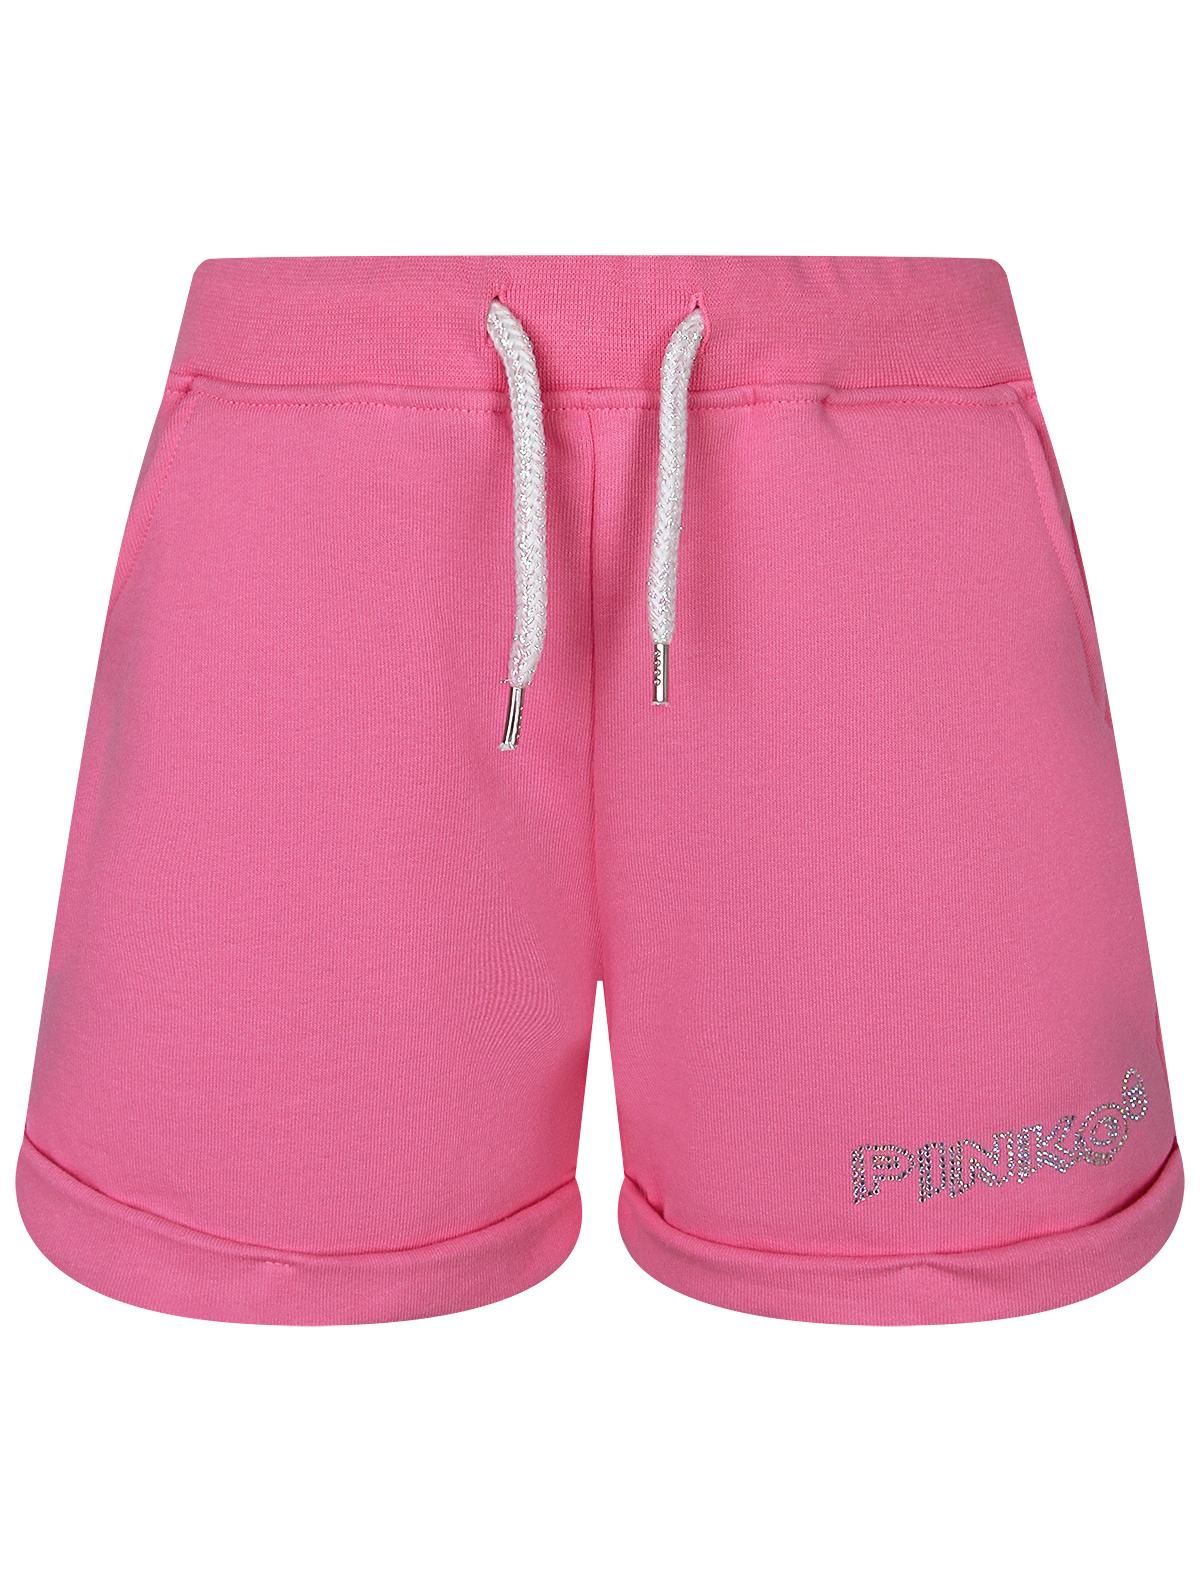 Купить 2303468, Шорты Pinko Up, розовый, Женский, 1414509174923